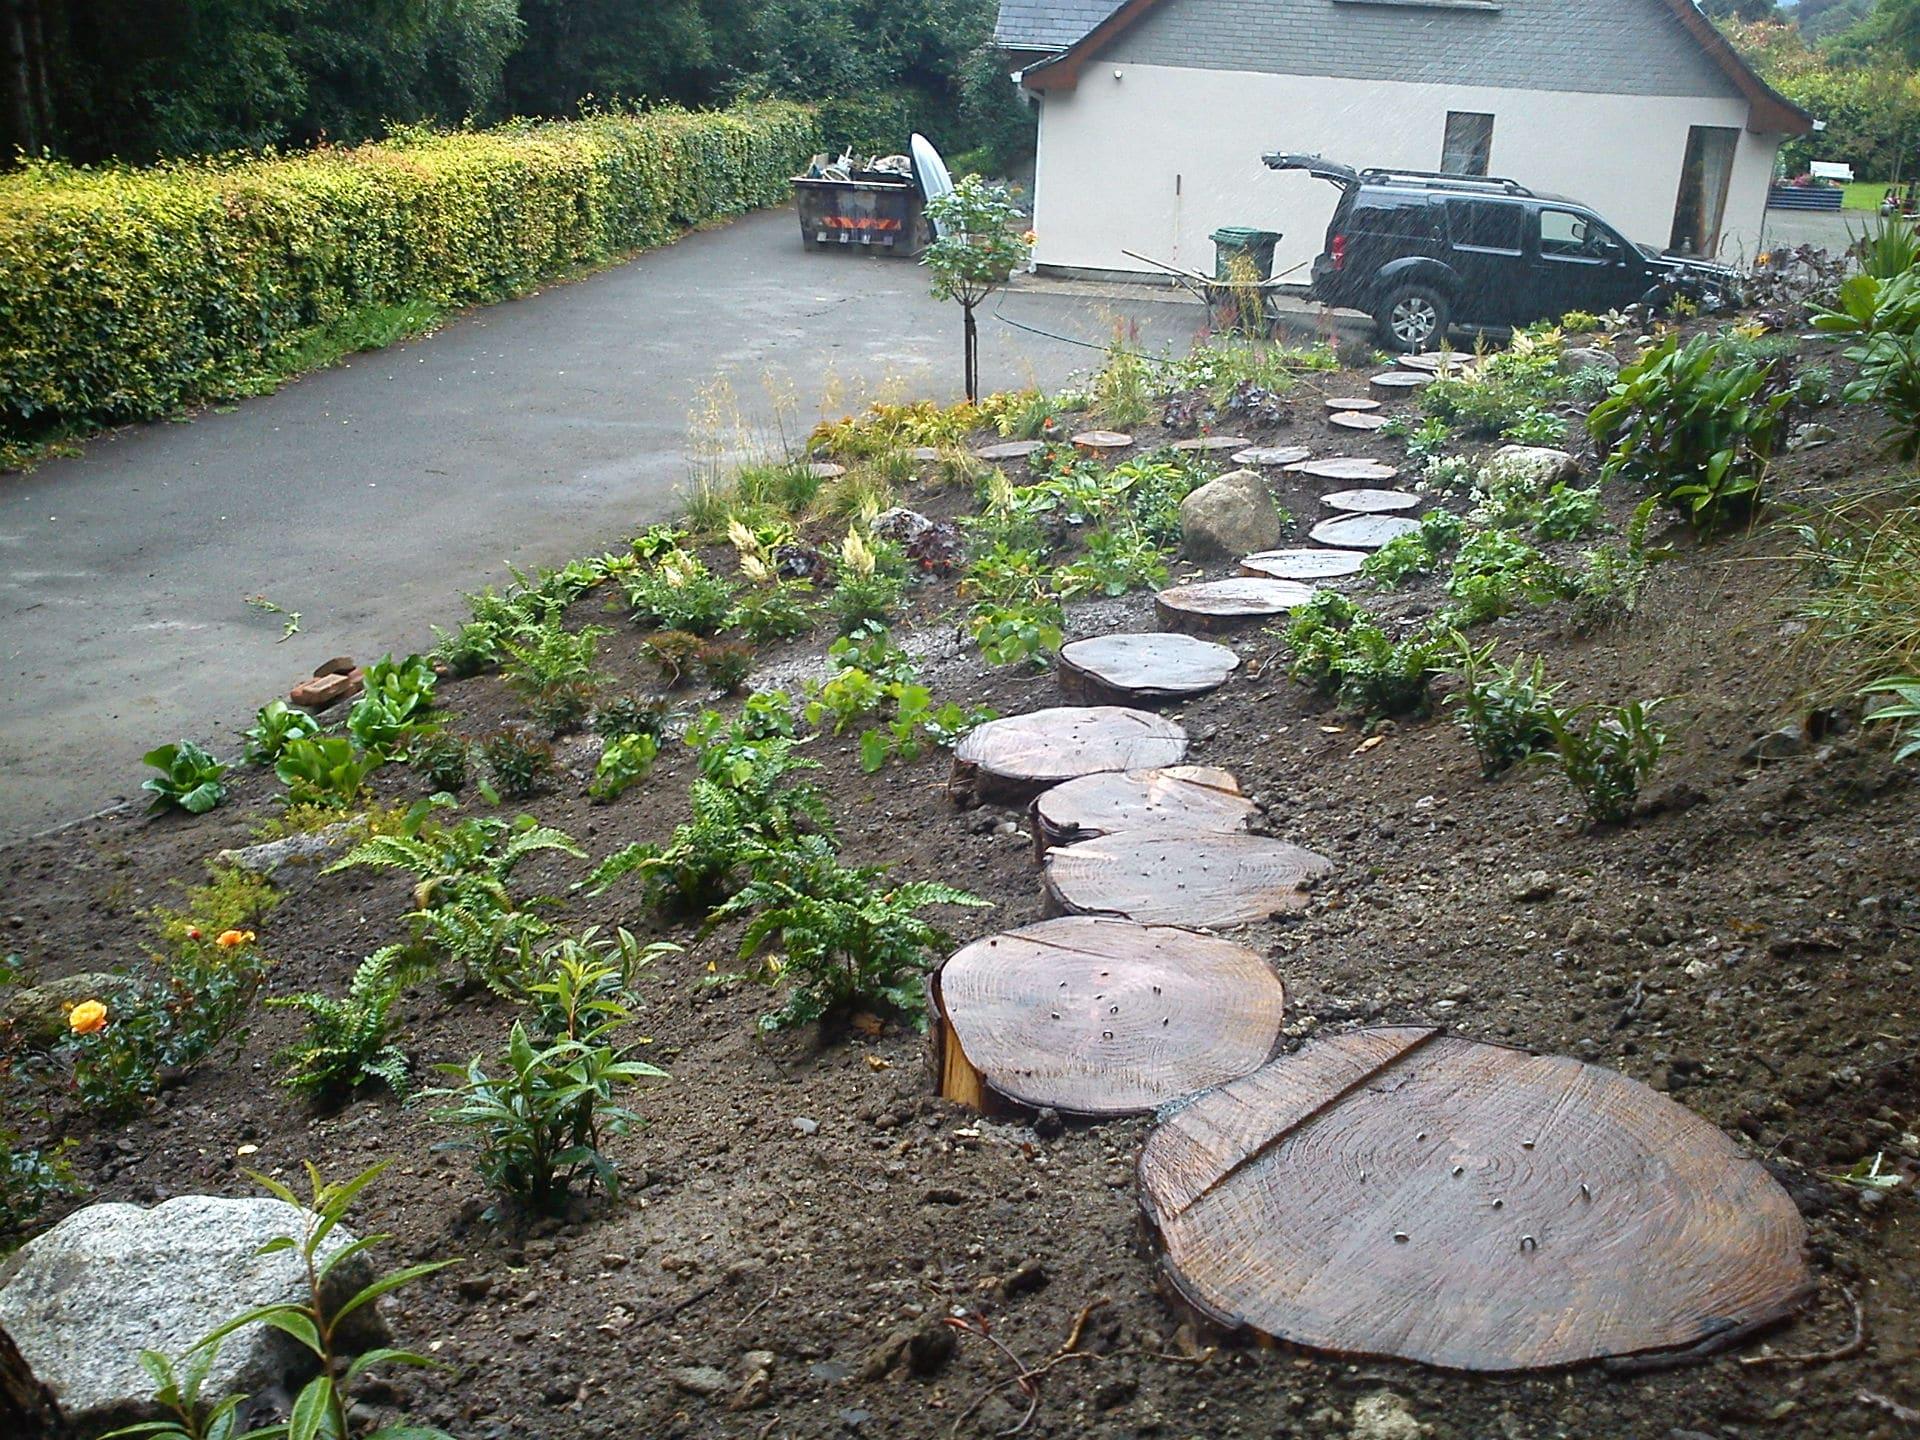 Garden landscaping service greenworx landscaping for Garden landscaping services